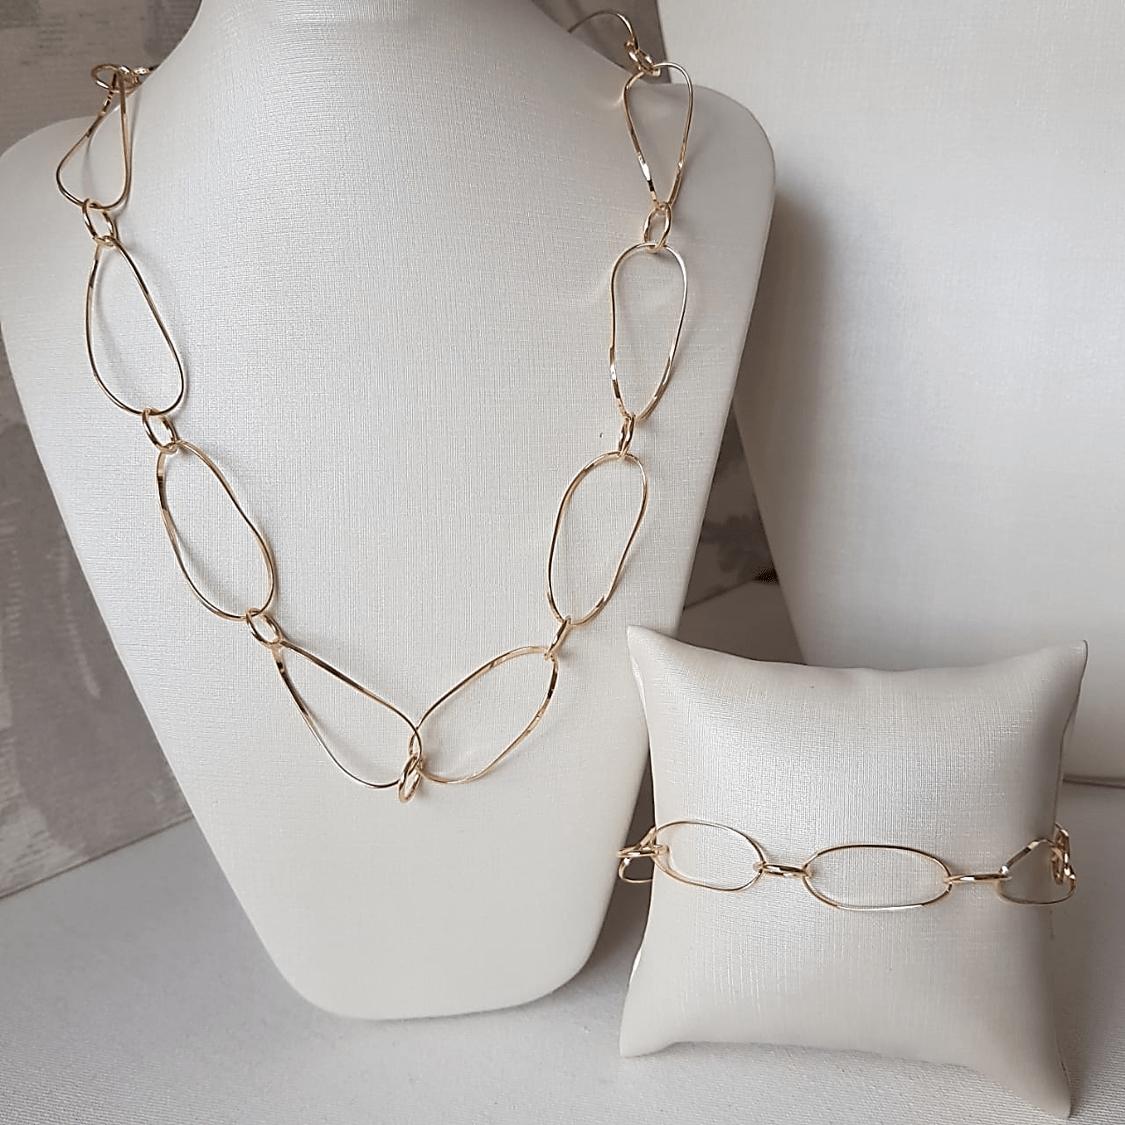 Conjunto colar e pulseira de elos leves dourados